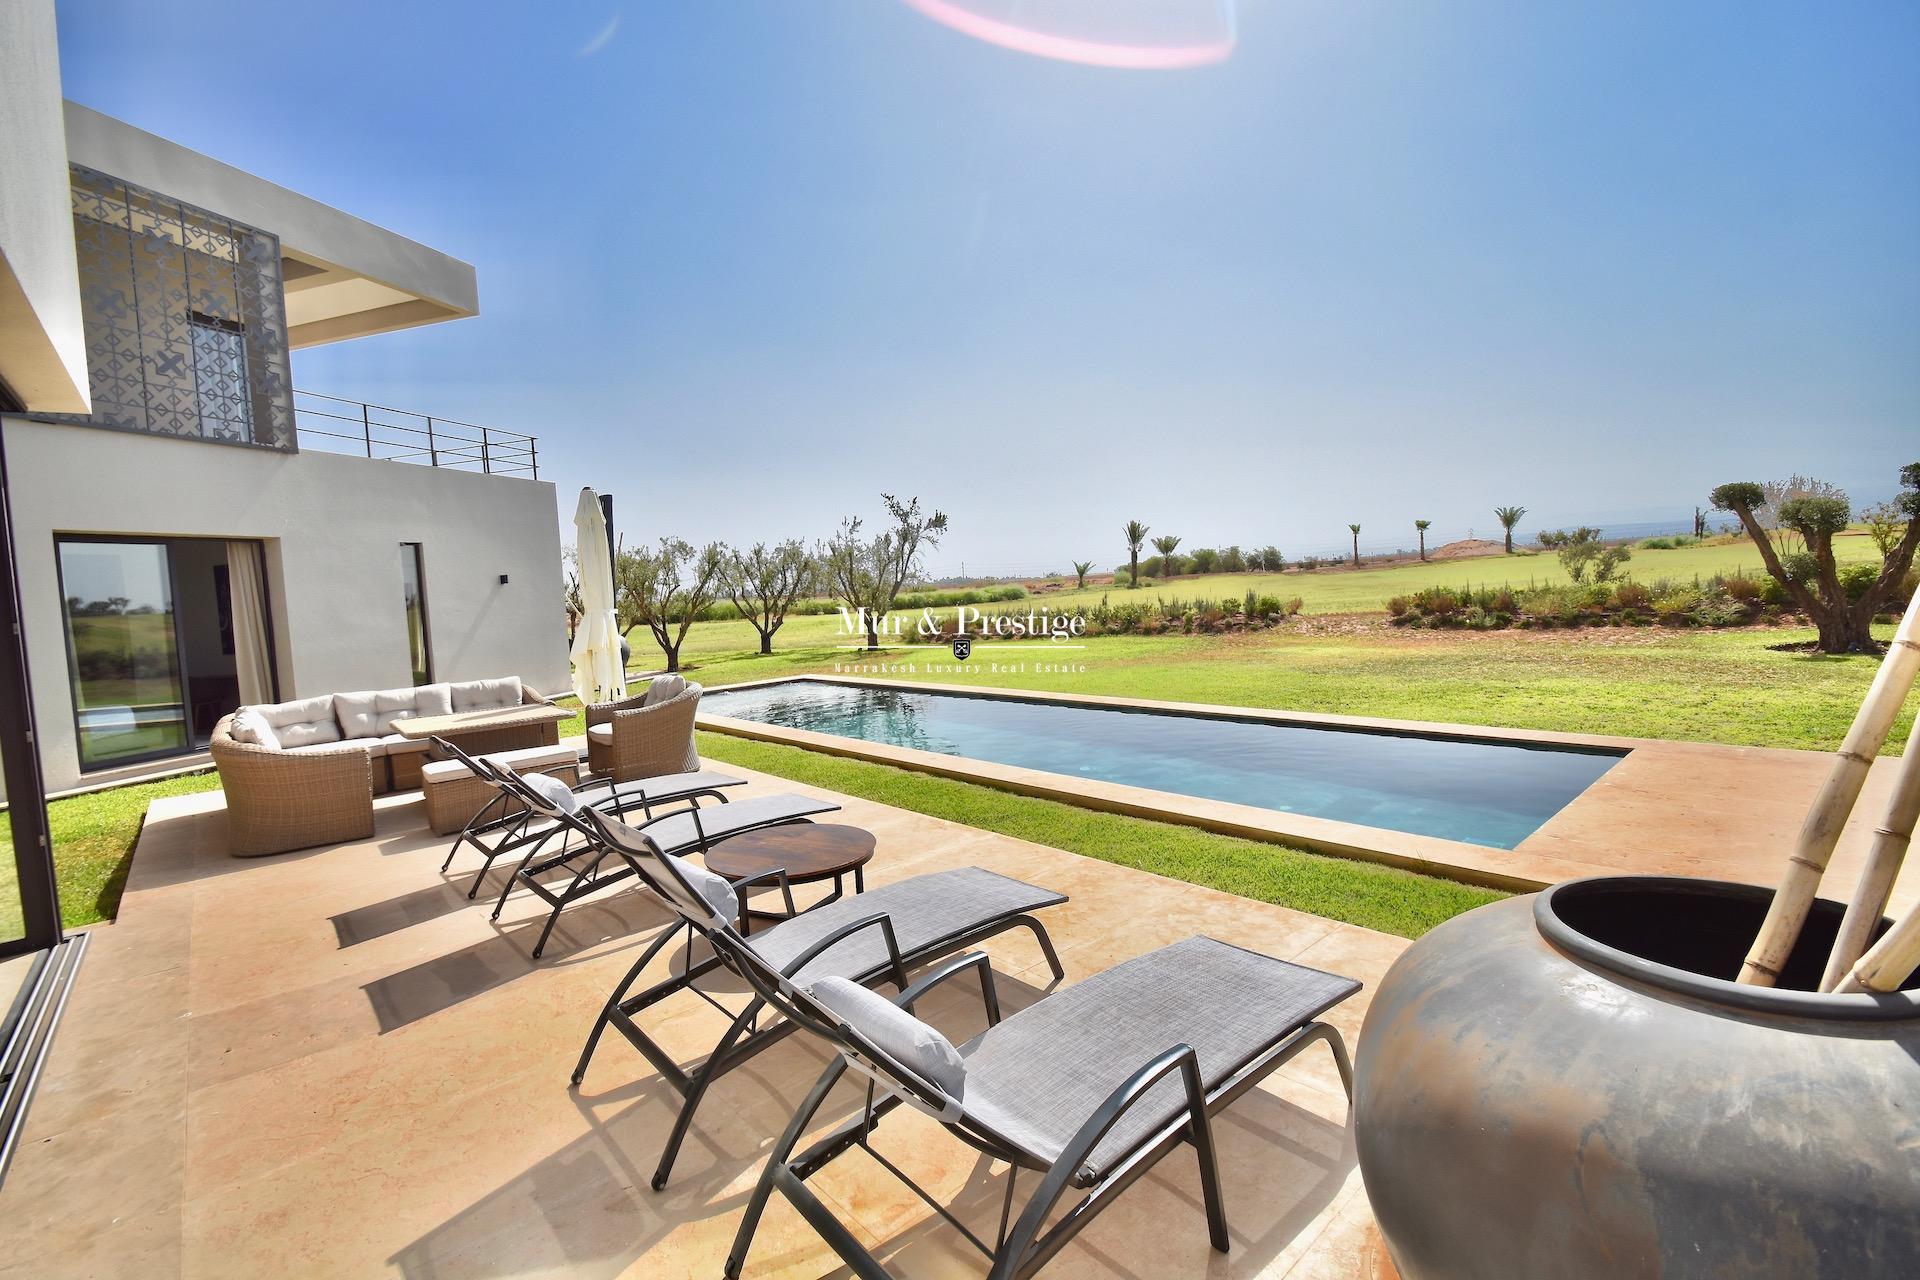 Maison à Vendre en Front de Golf à Amelkis Marrakech